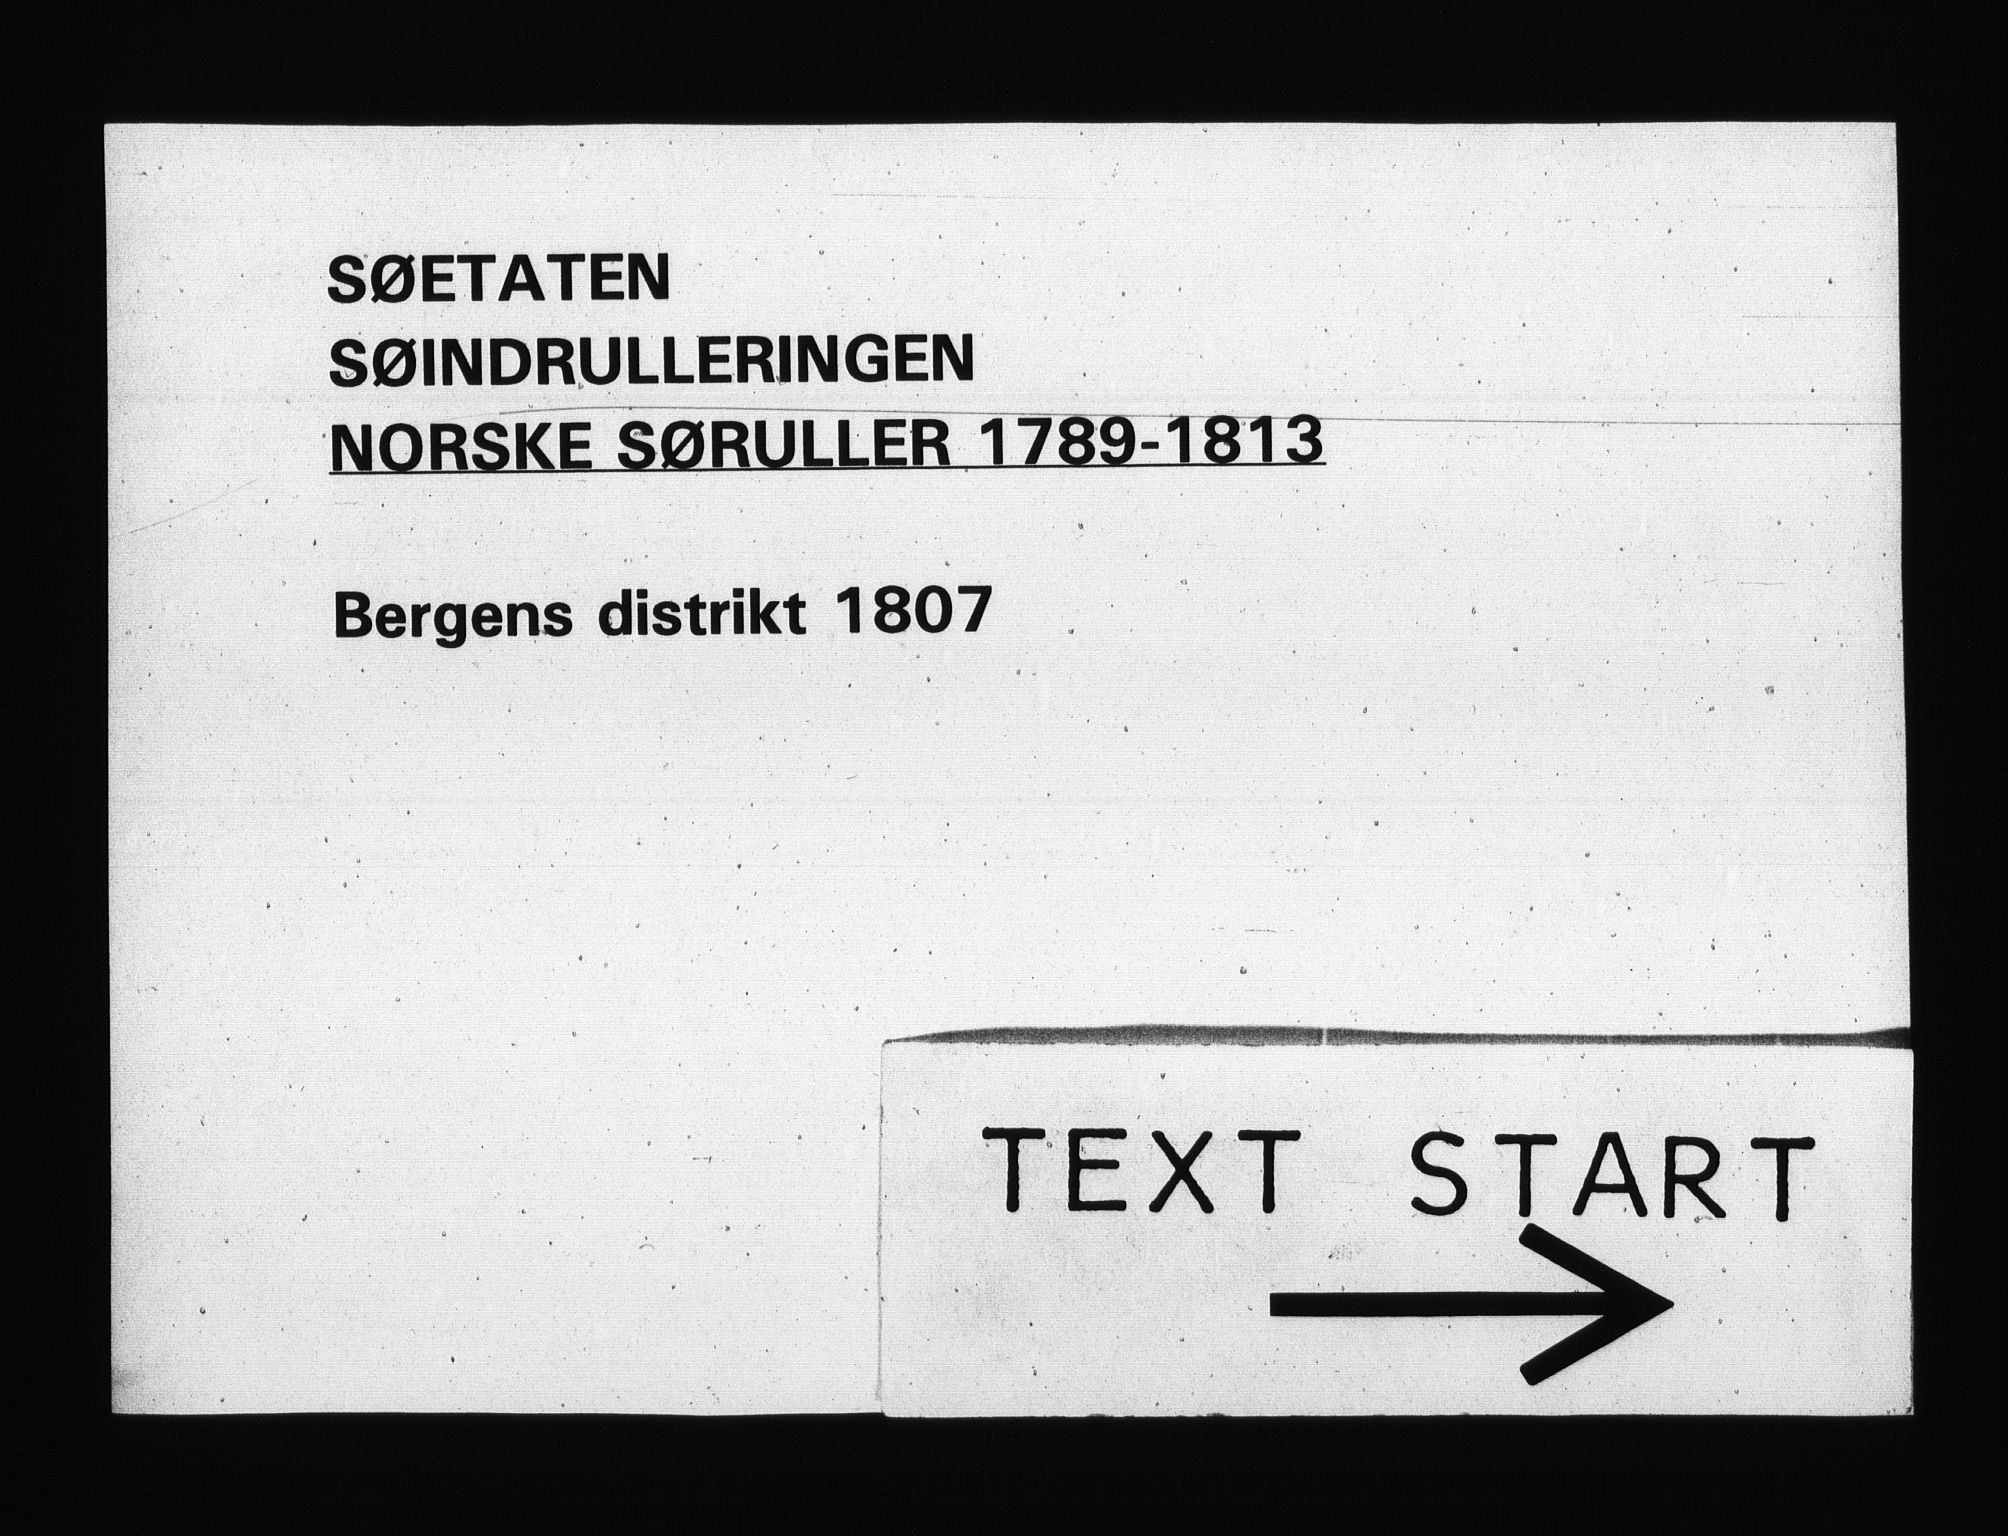 RA, Sjøetaten, F/L0246: Bergen distrikt, bind 1, 1807